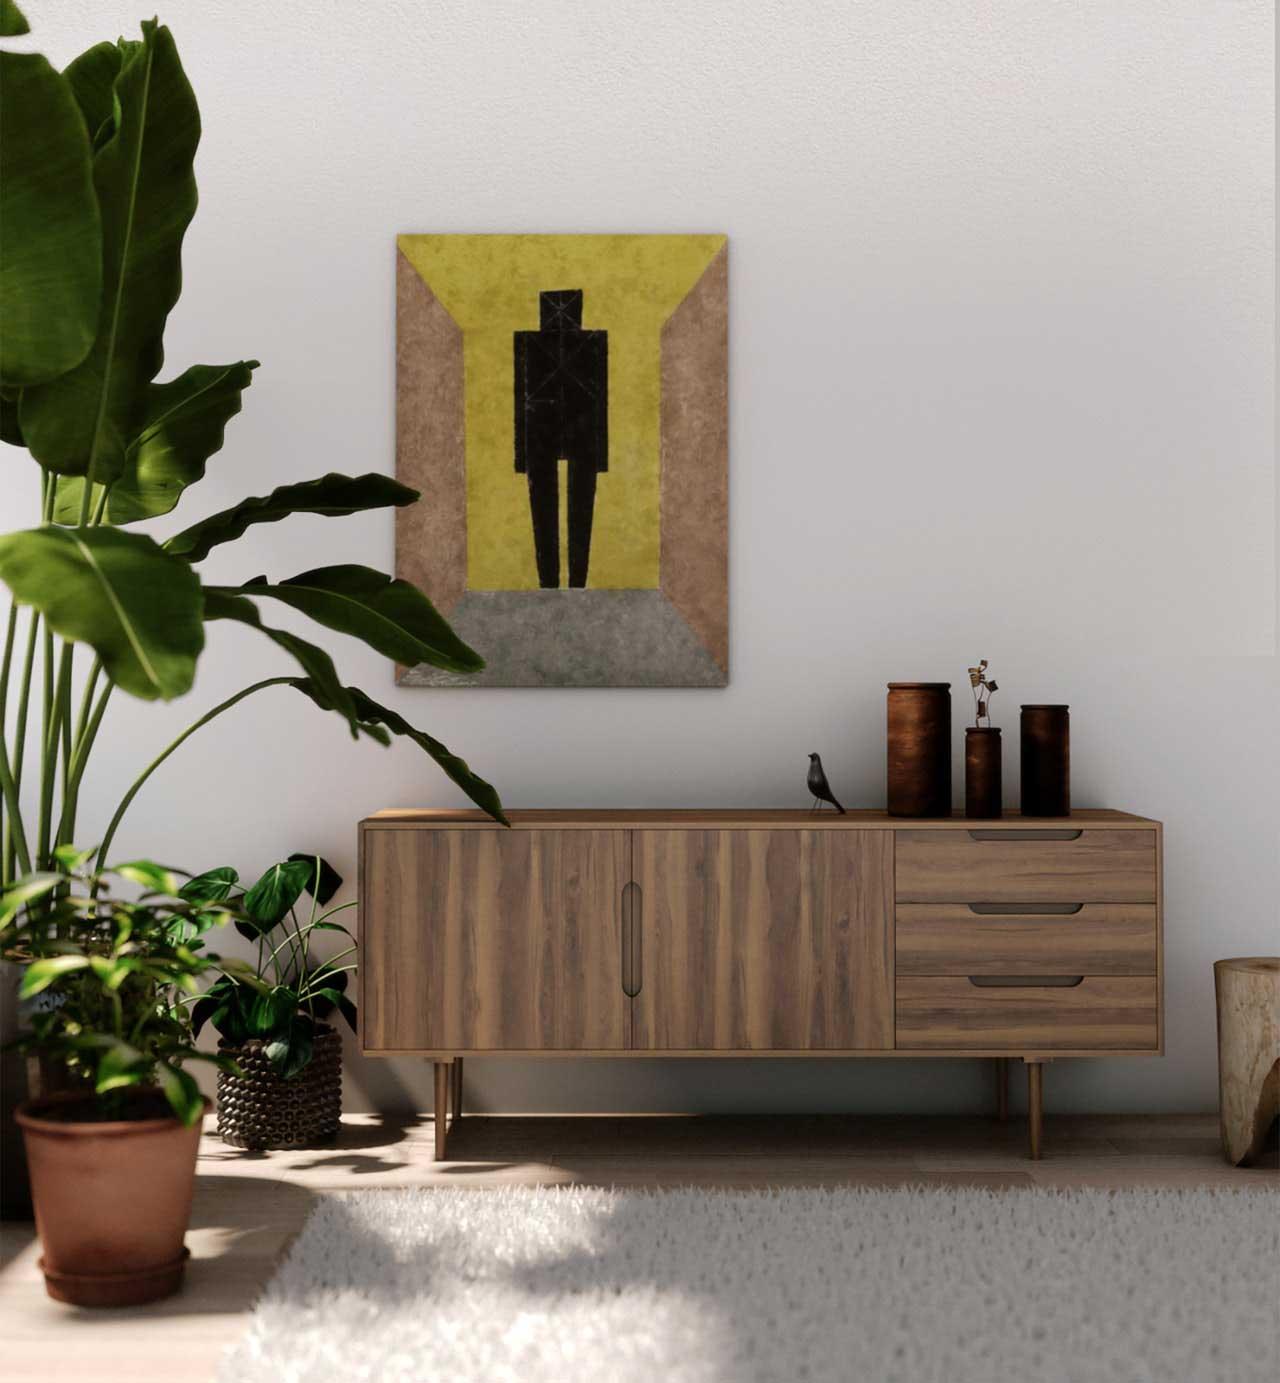 Muebles de madera para la casa y por qué escogerlos